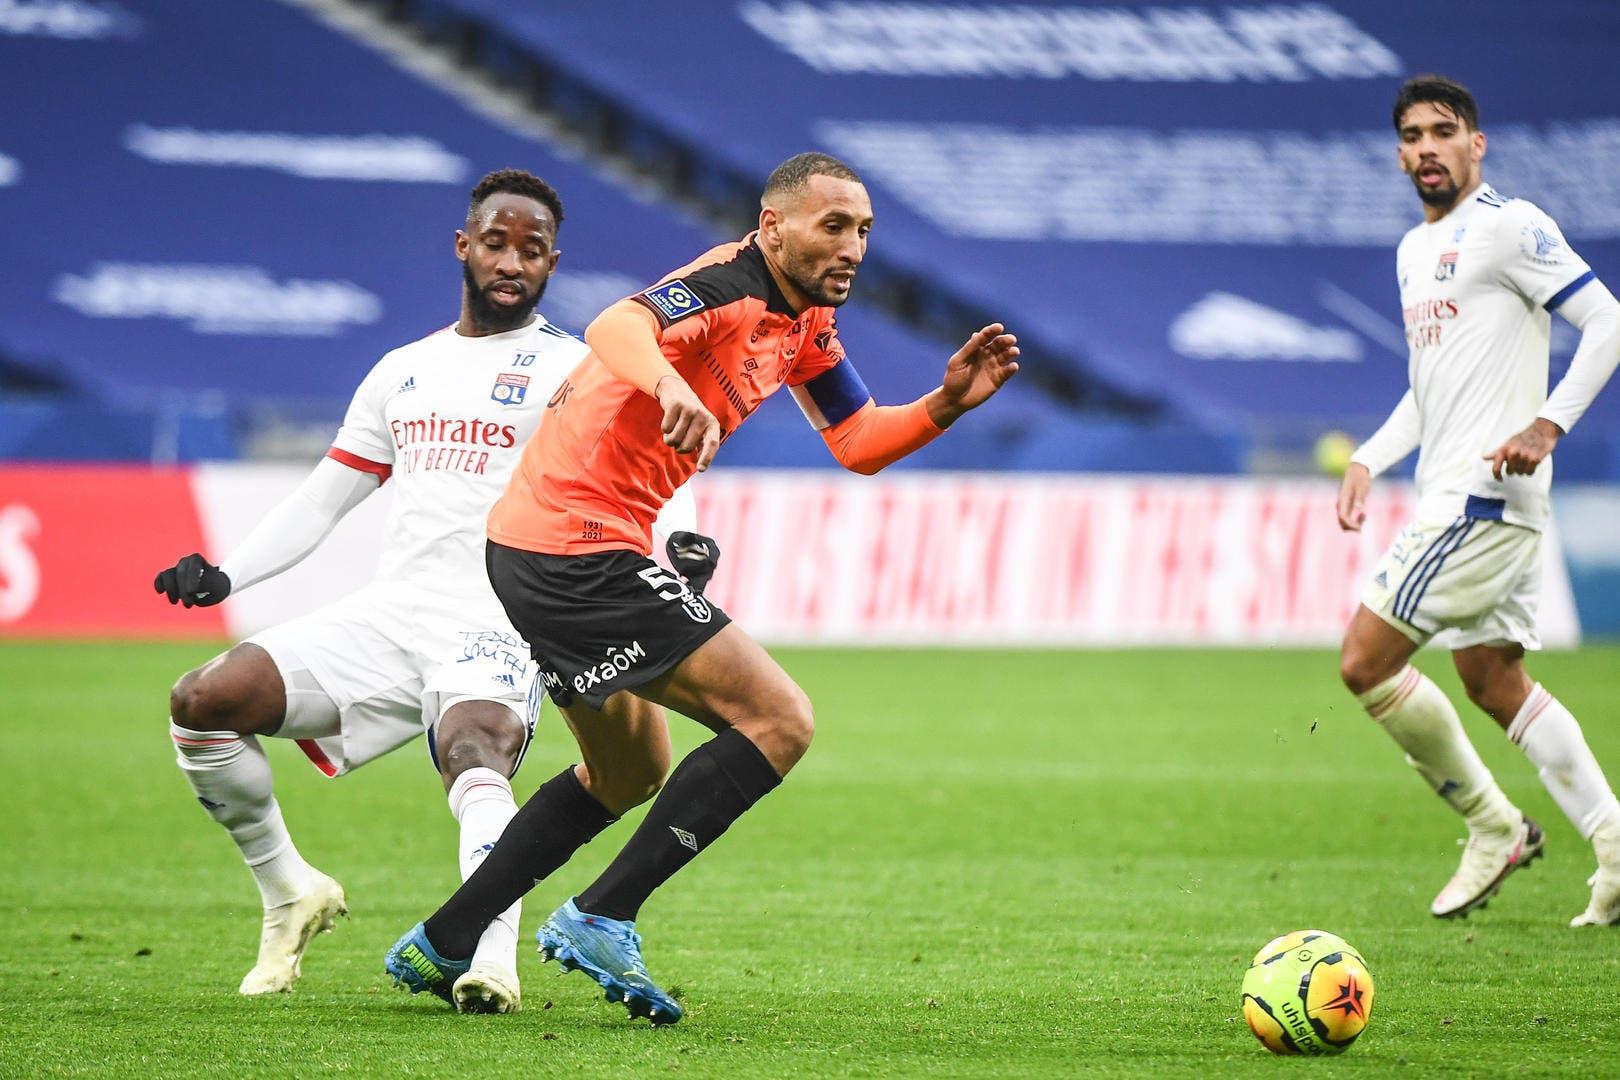 OL : L'attaque de Lyon plus forte que celle du PSG, c'est dit !